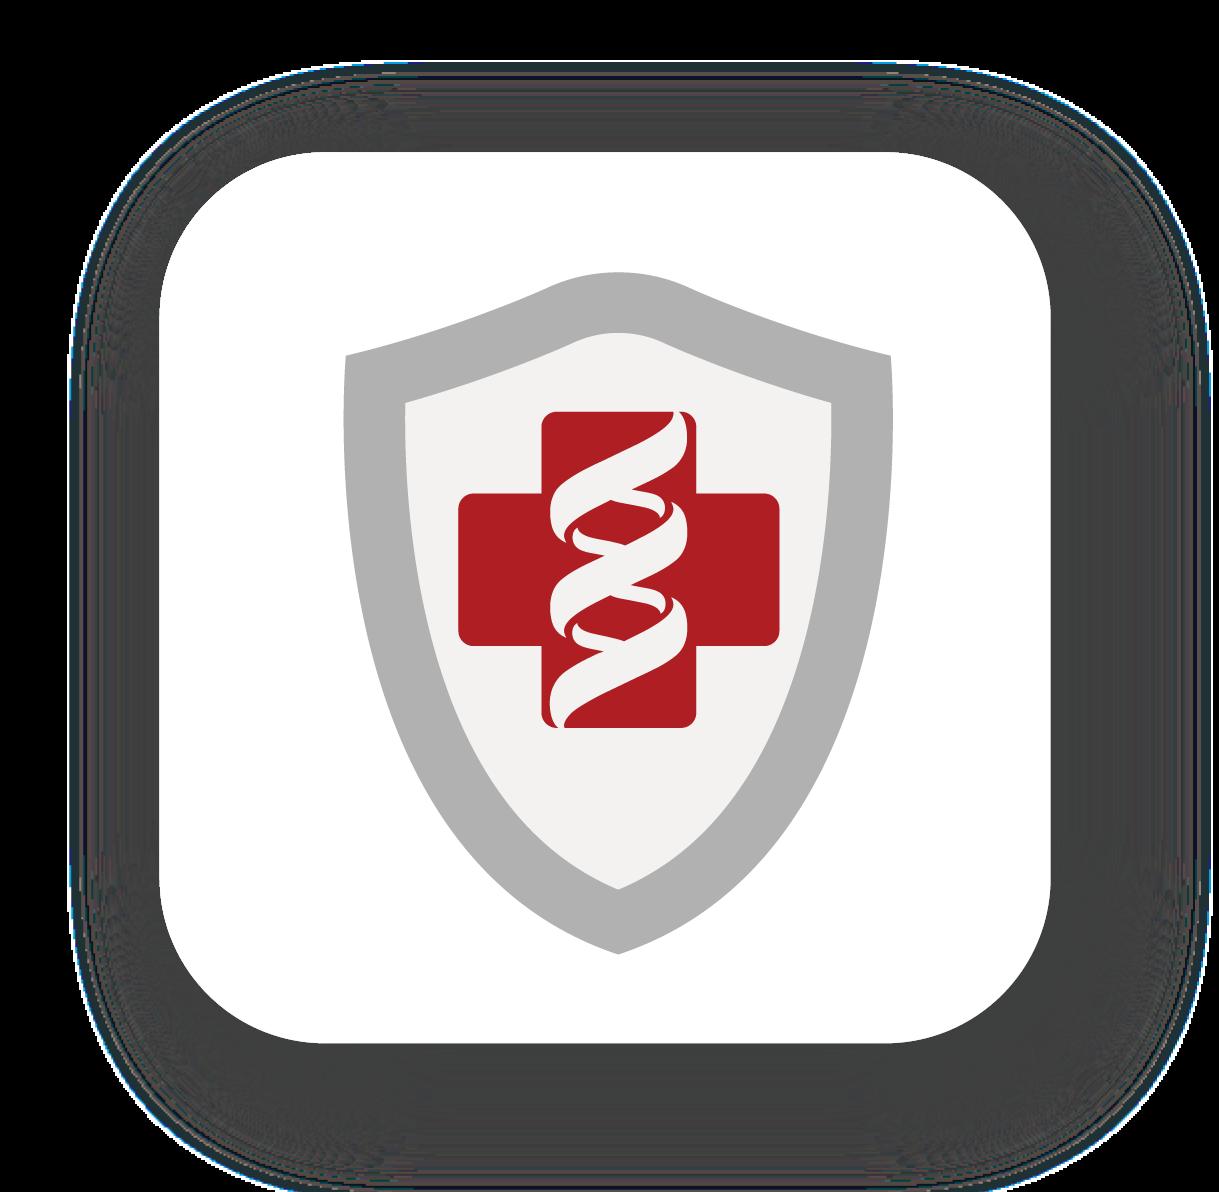 台塑生醫i醫健康診所/健康管理中心logo